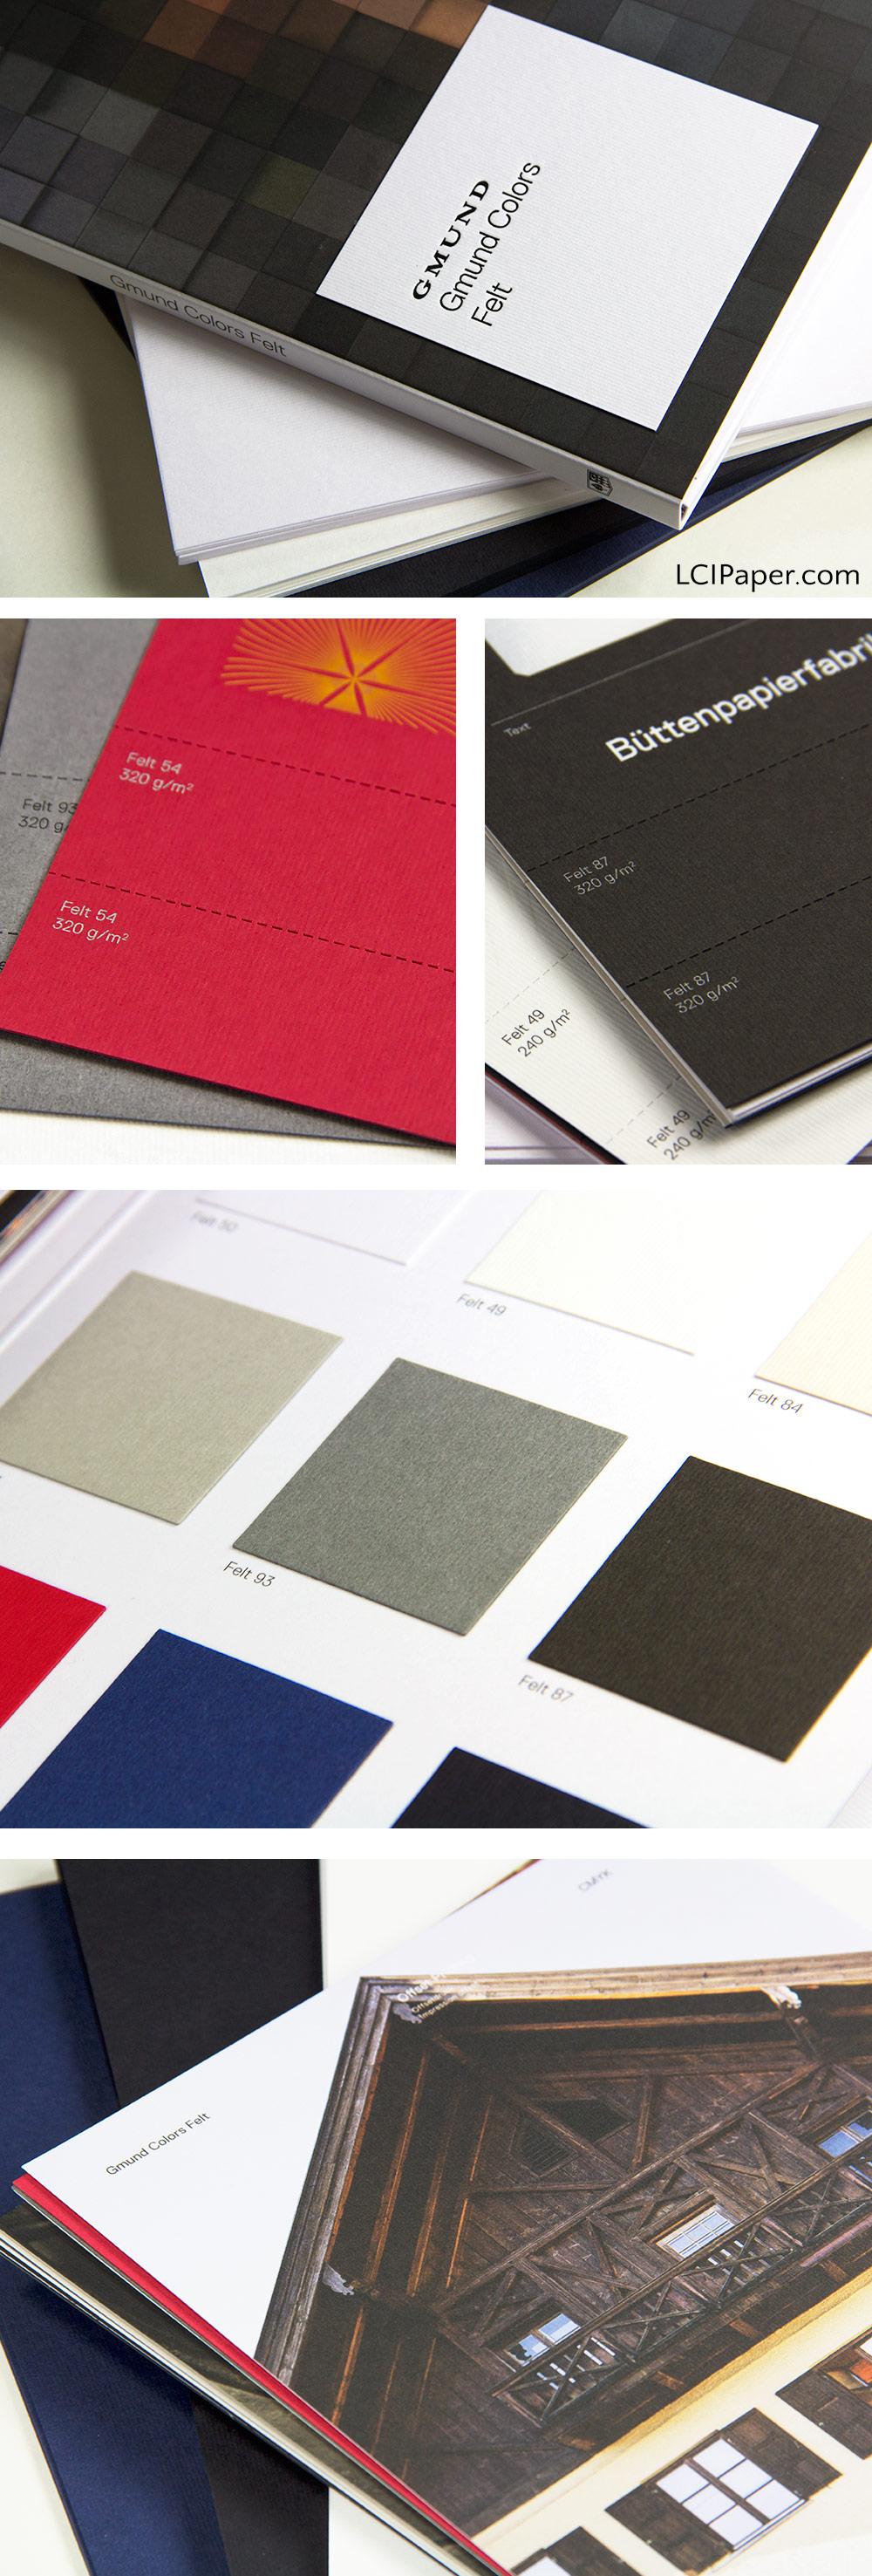 Gmund Colors Felt - part of the Gmund Color System at LCIPaper.com